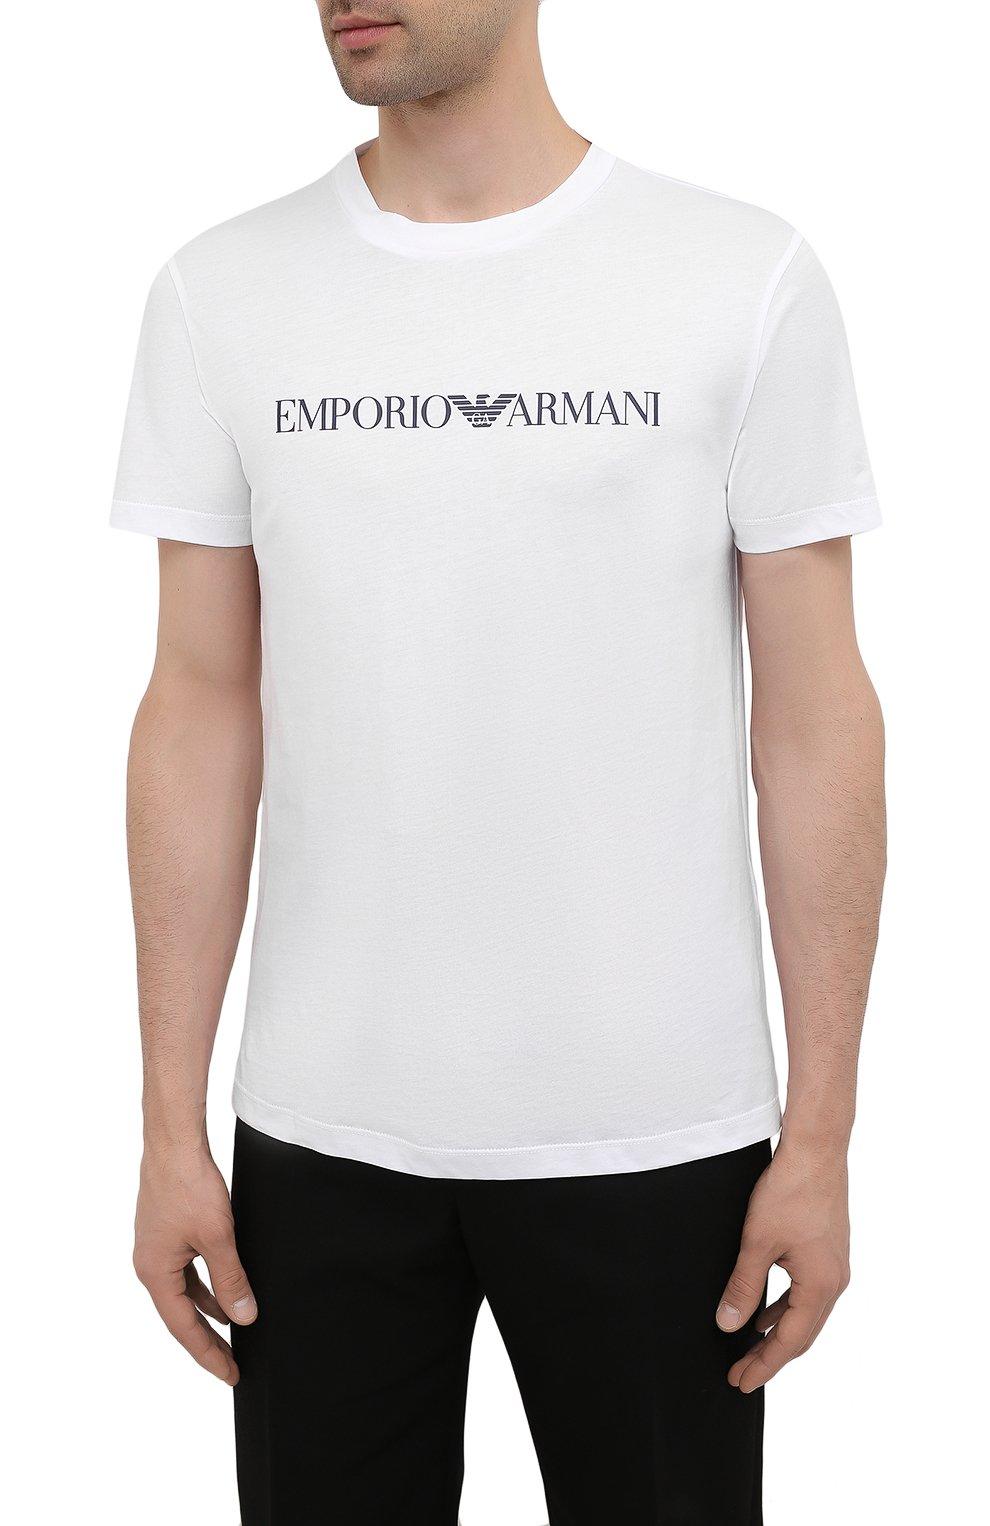 Мужская хлопковая футболка EMPORIO ARMANI белого цвета, арт. 8N1TN5/1JPZZ   Фото 3 (Рукава: Короткие; Длина (для топов): Стандартные; Принт: С принтом; Материал внешний: Хлопок; Стили: Кэжуэл)